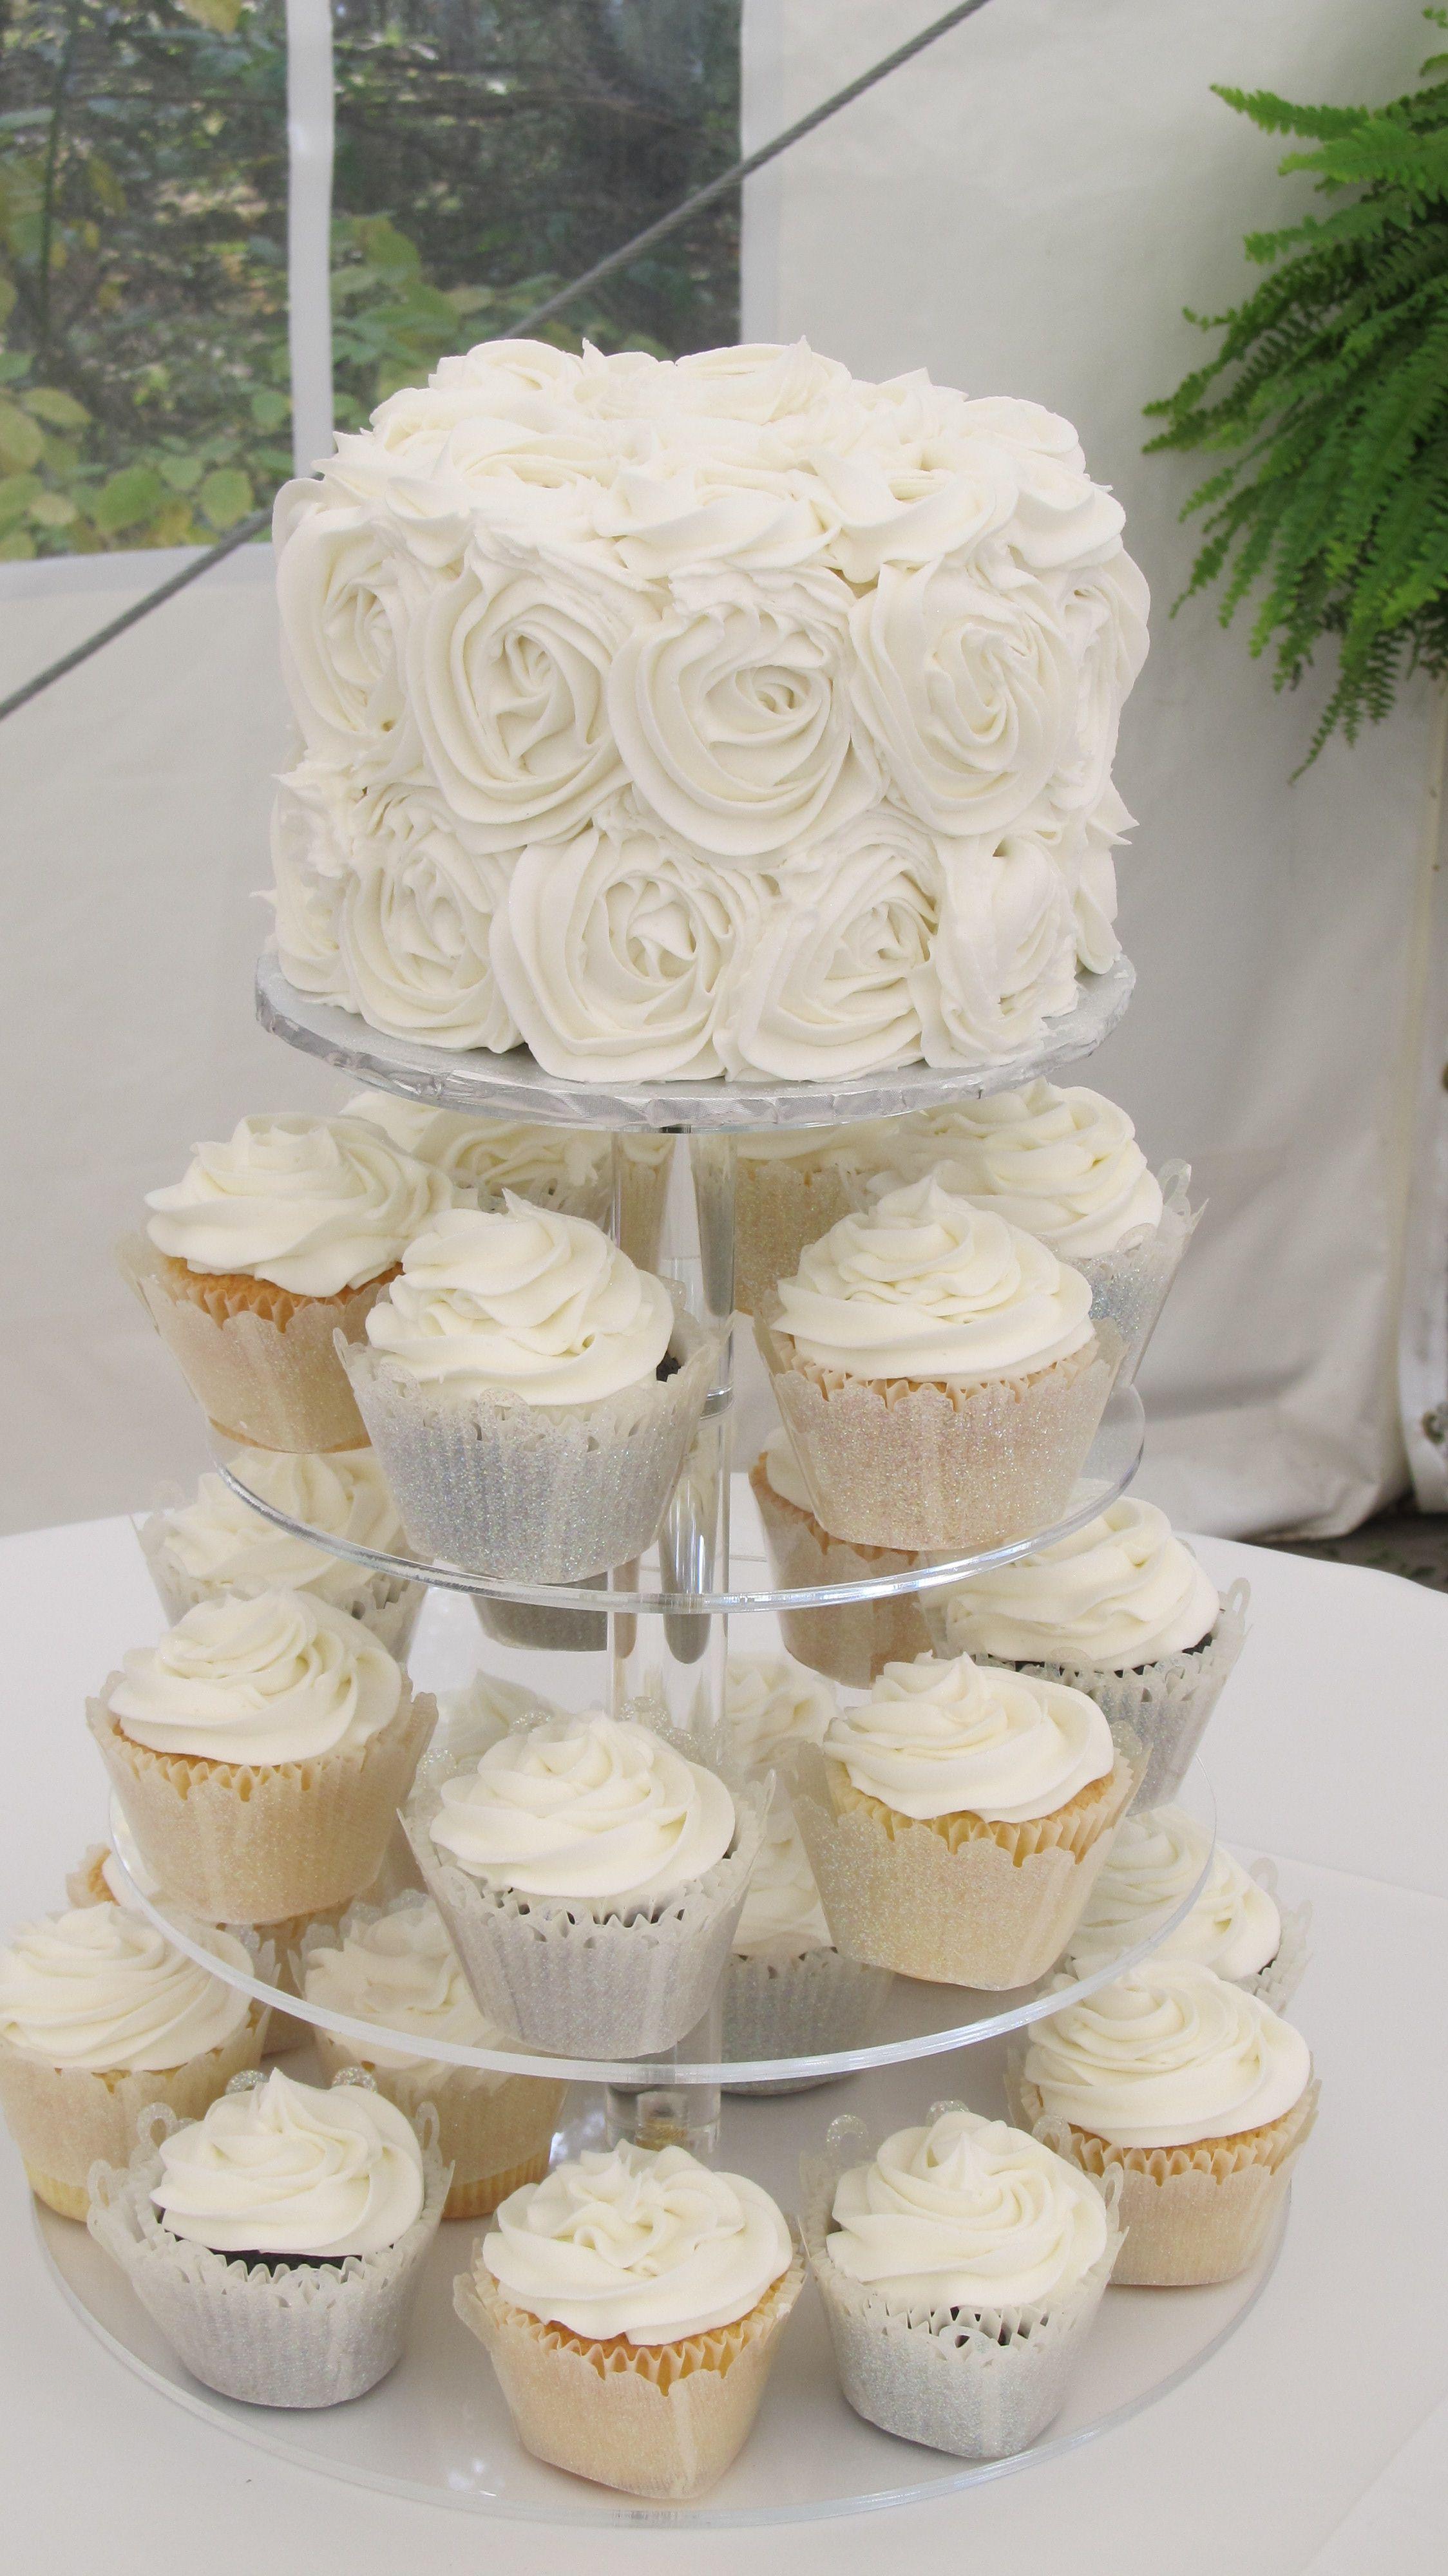 Rosette wedding cake White rosette wedding cake